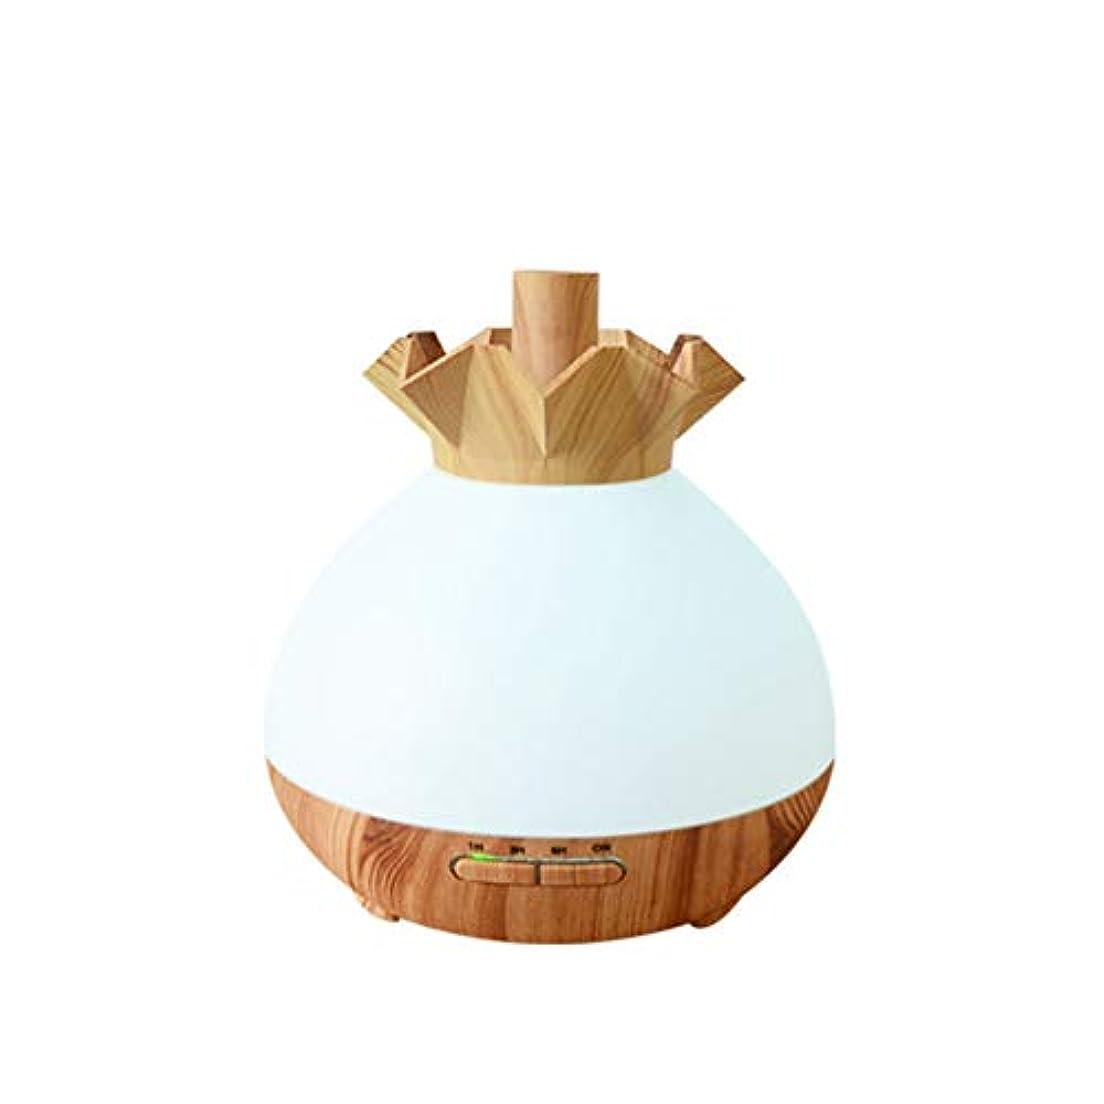 倉庫邪魔するアルカトラズ島Wifiアプリコントロール 涼しい霧 加湿器,7 色 木目 空気を浄化 加湿機 プレミアム サイレント 精油 ディフューザー アロマネブライザー ベッド- 400ml